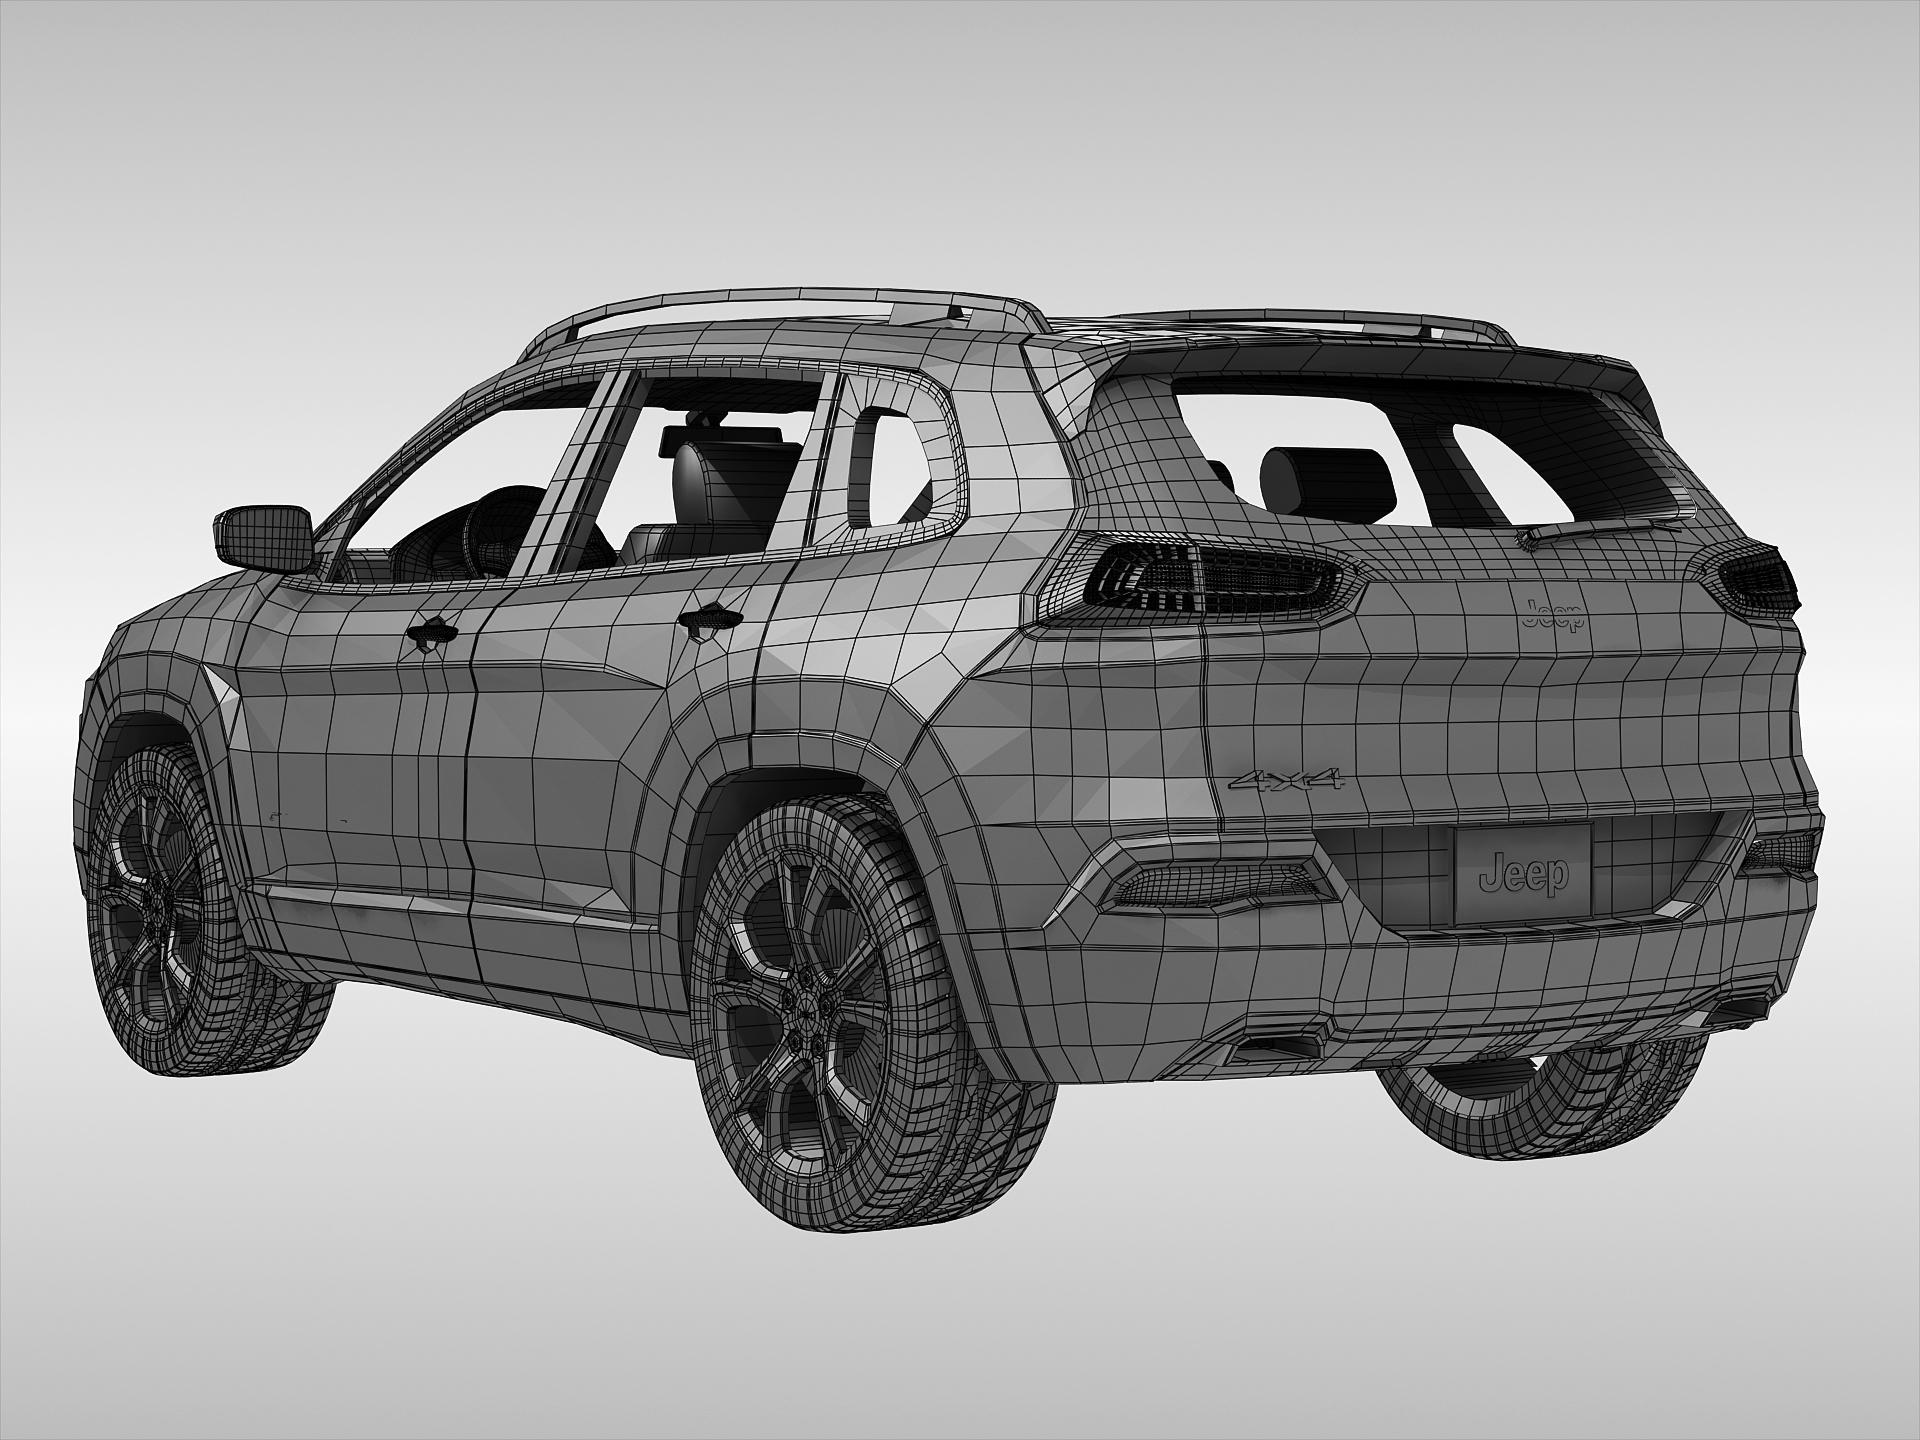 jeep cherokee 2014 3d model buy jeep cherokee 2014 3d model flatpyramid. Black Bedroom Furniture Sets. Home Design Ideas